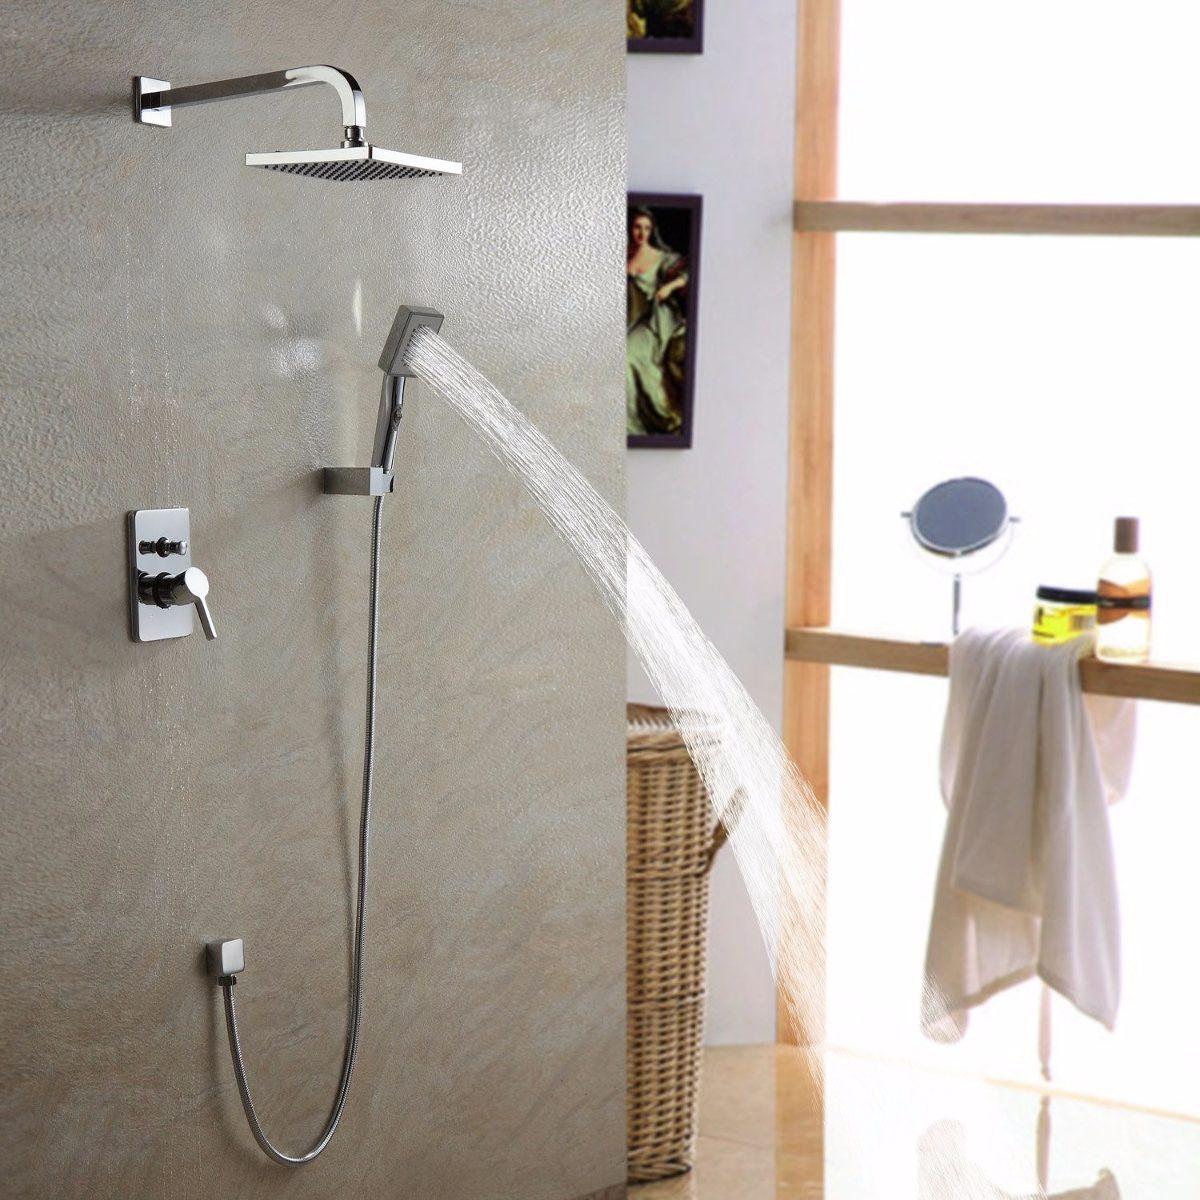 Llave ouku ba o ducha regadera fija y de telefono for Llave de regadera barrida